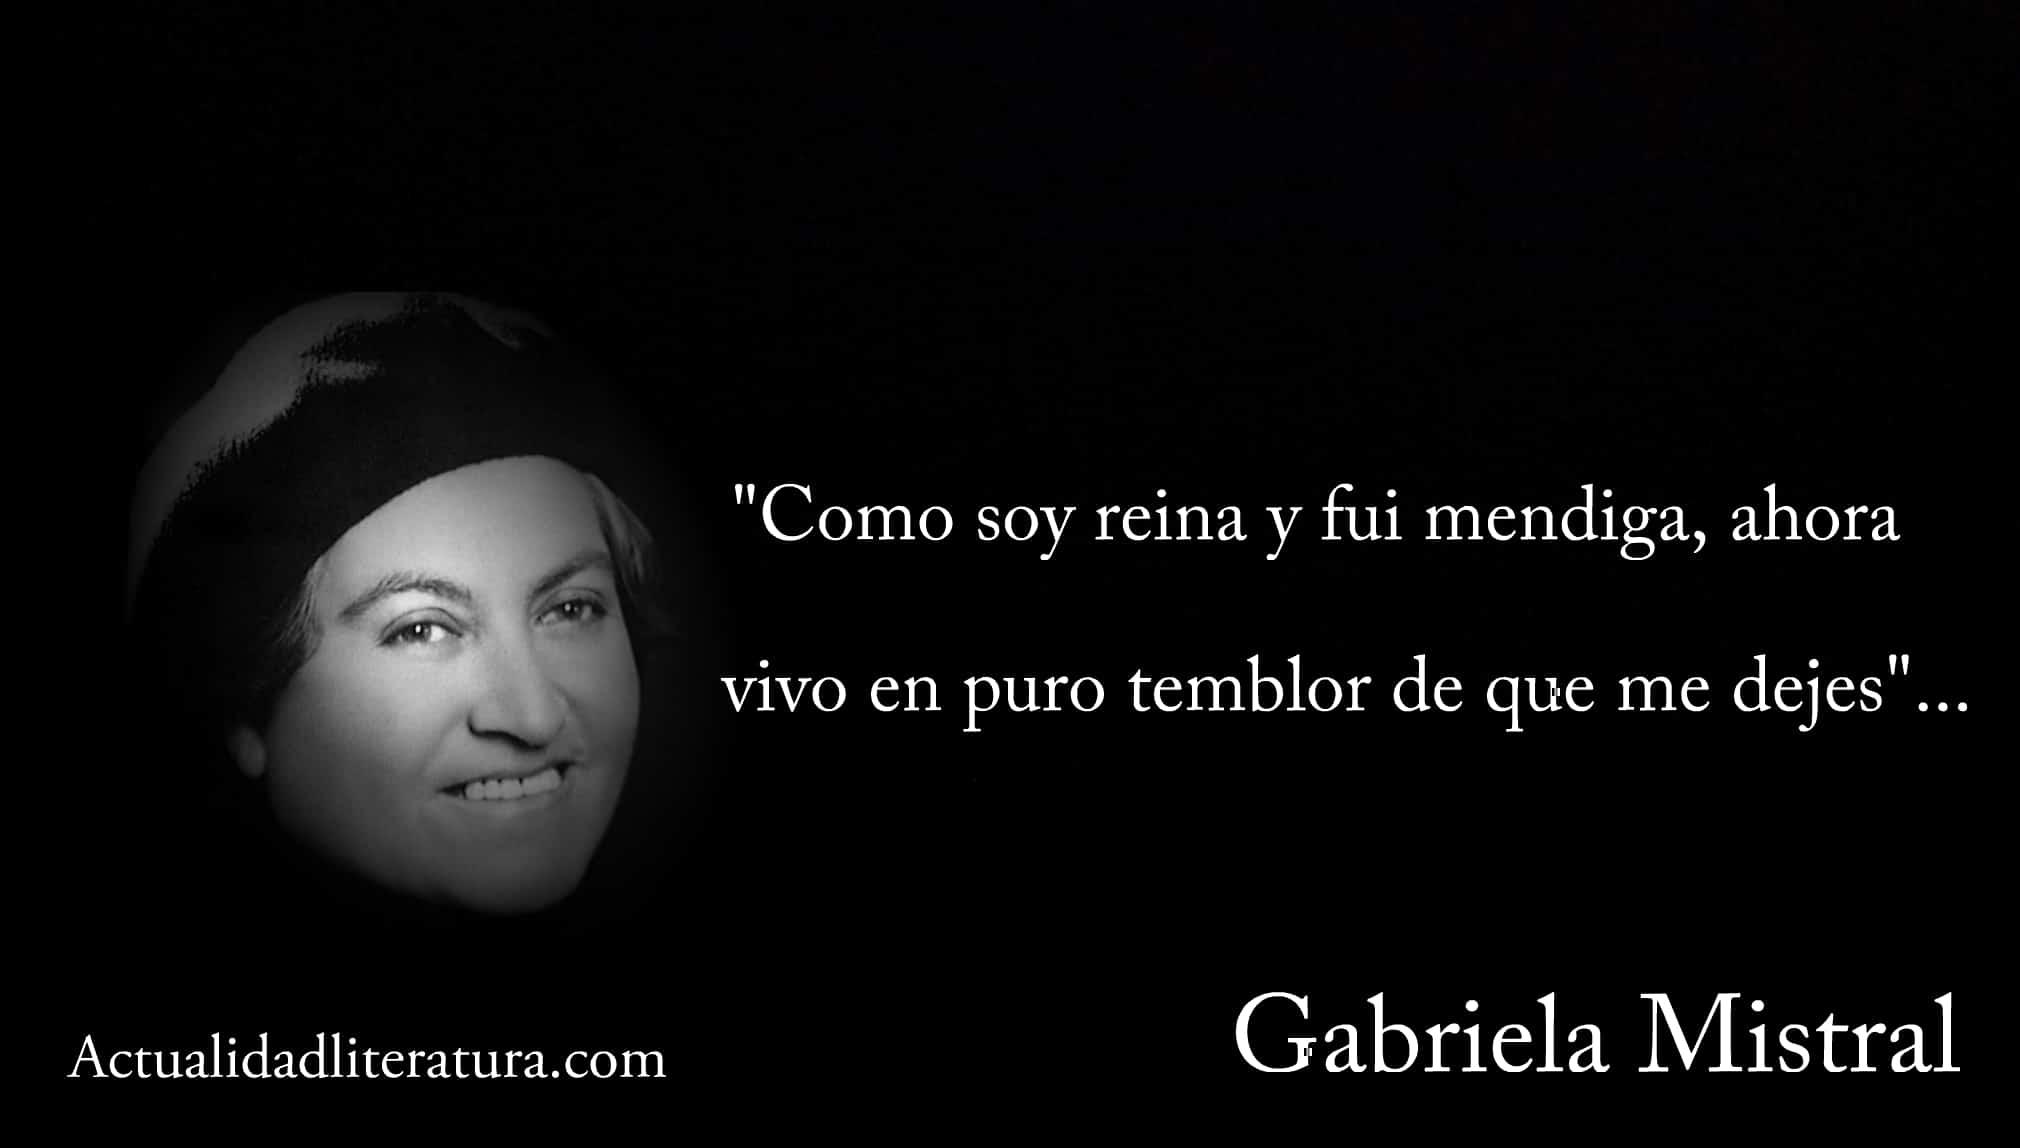 Metonimia en la poesía de Gabriela Mistral.